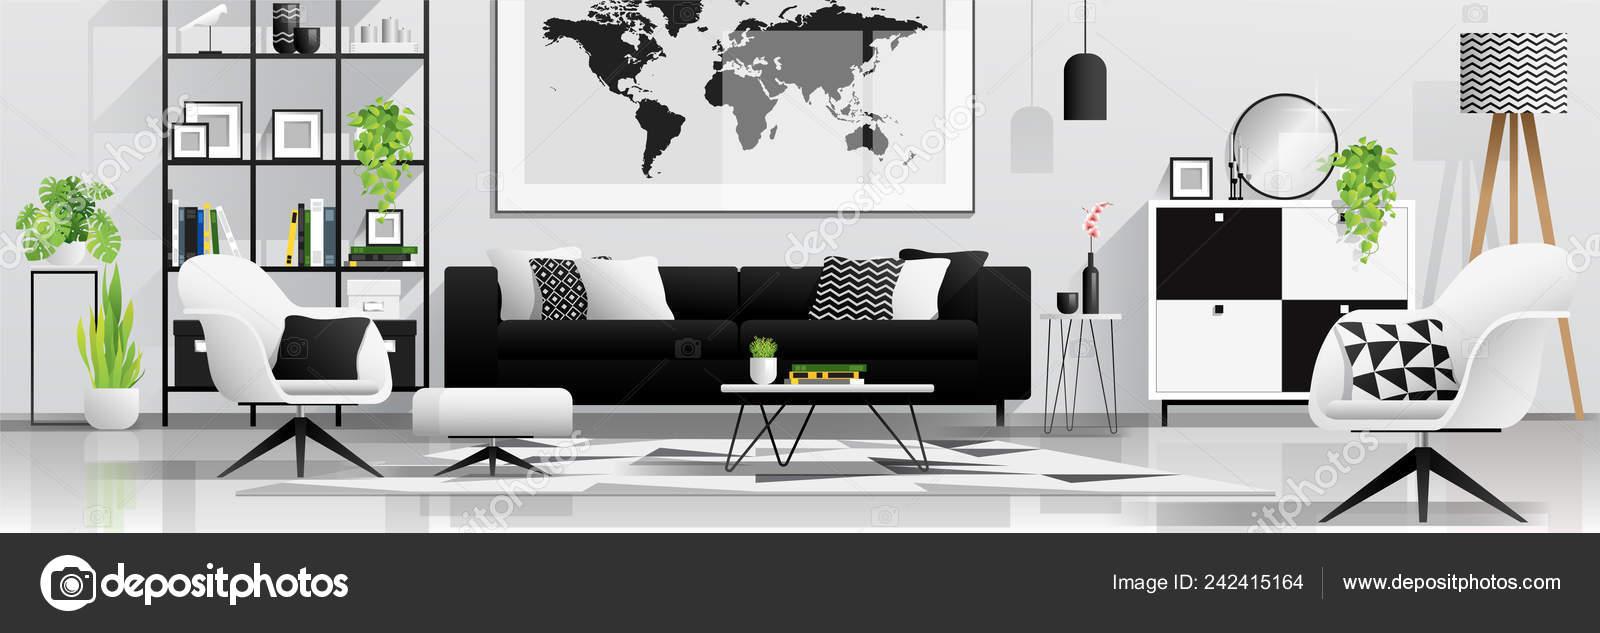 Fond Intérieur Avec Salon Dans Style Scandinave Moderne Noir Blanc